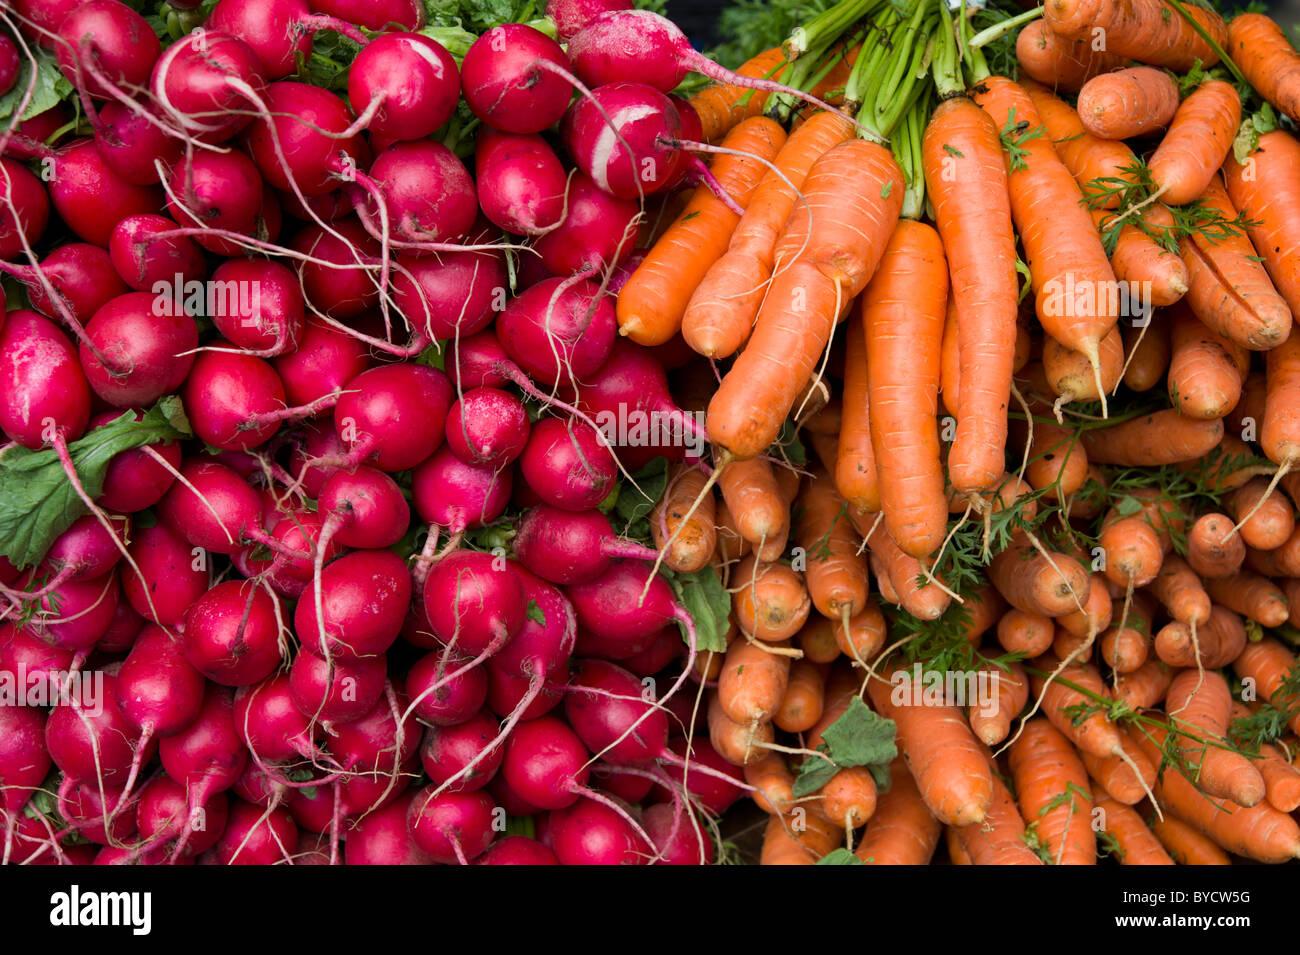 Ravanelli e carote sul mercato ortofrutticolo in stallo Immagini Stock